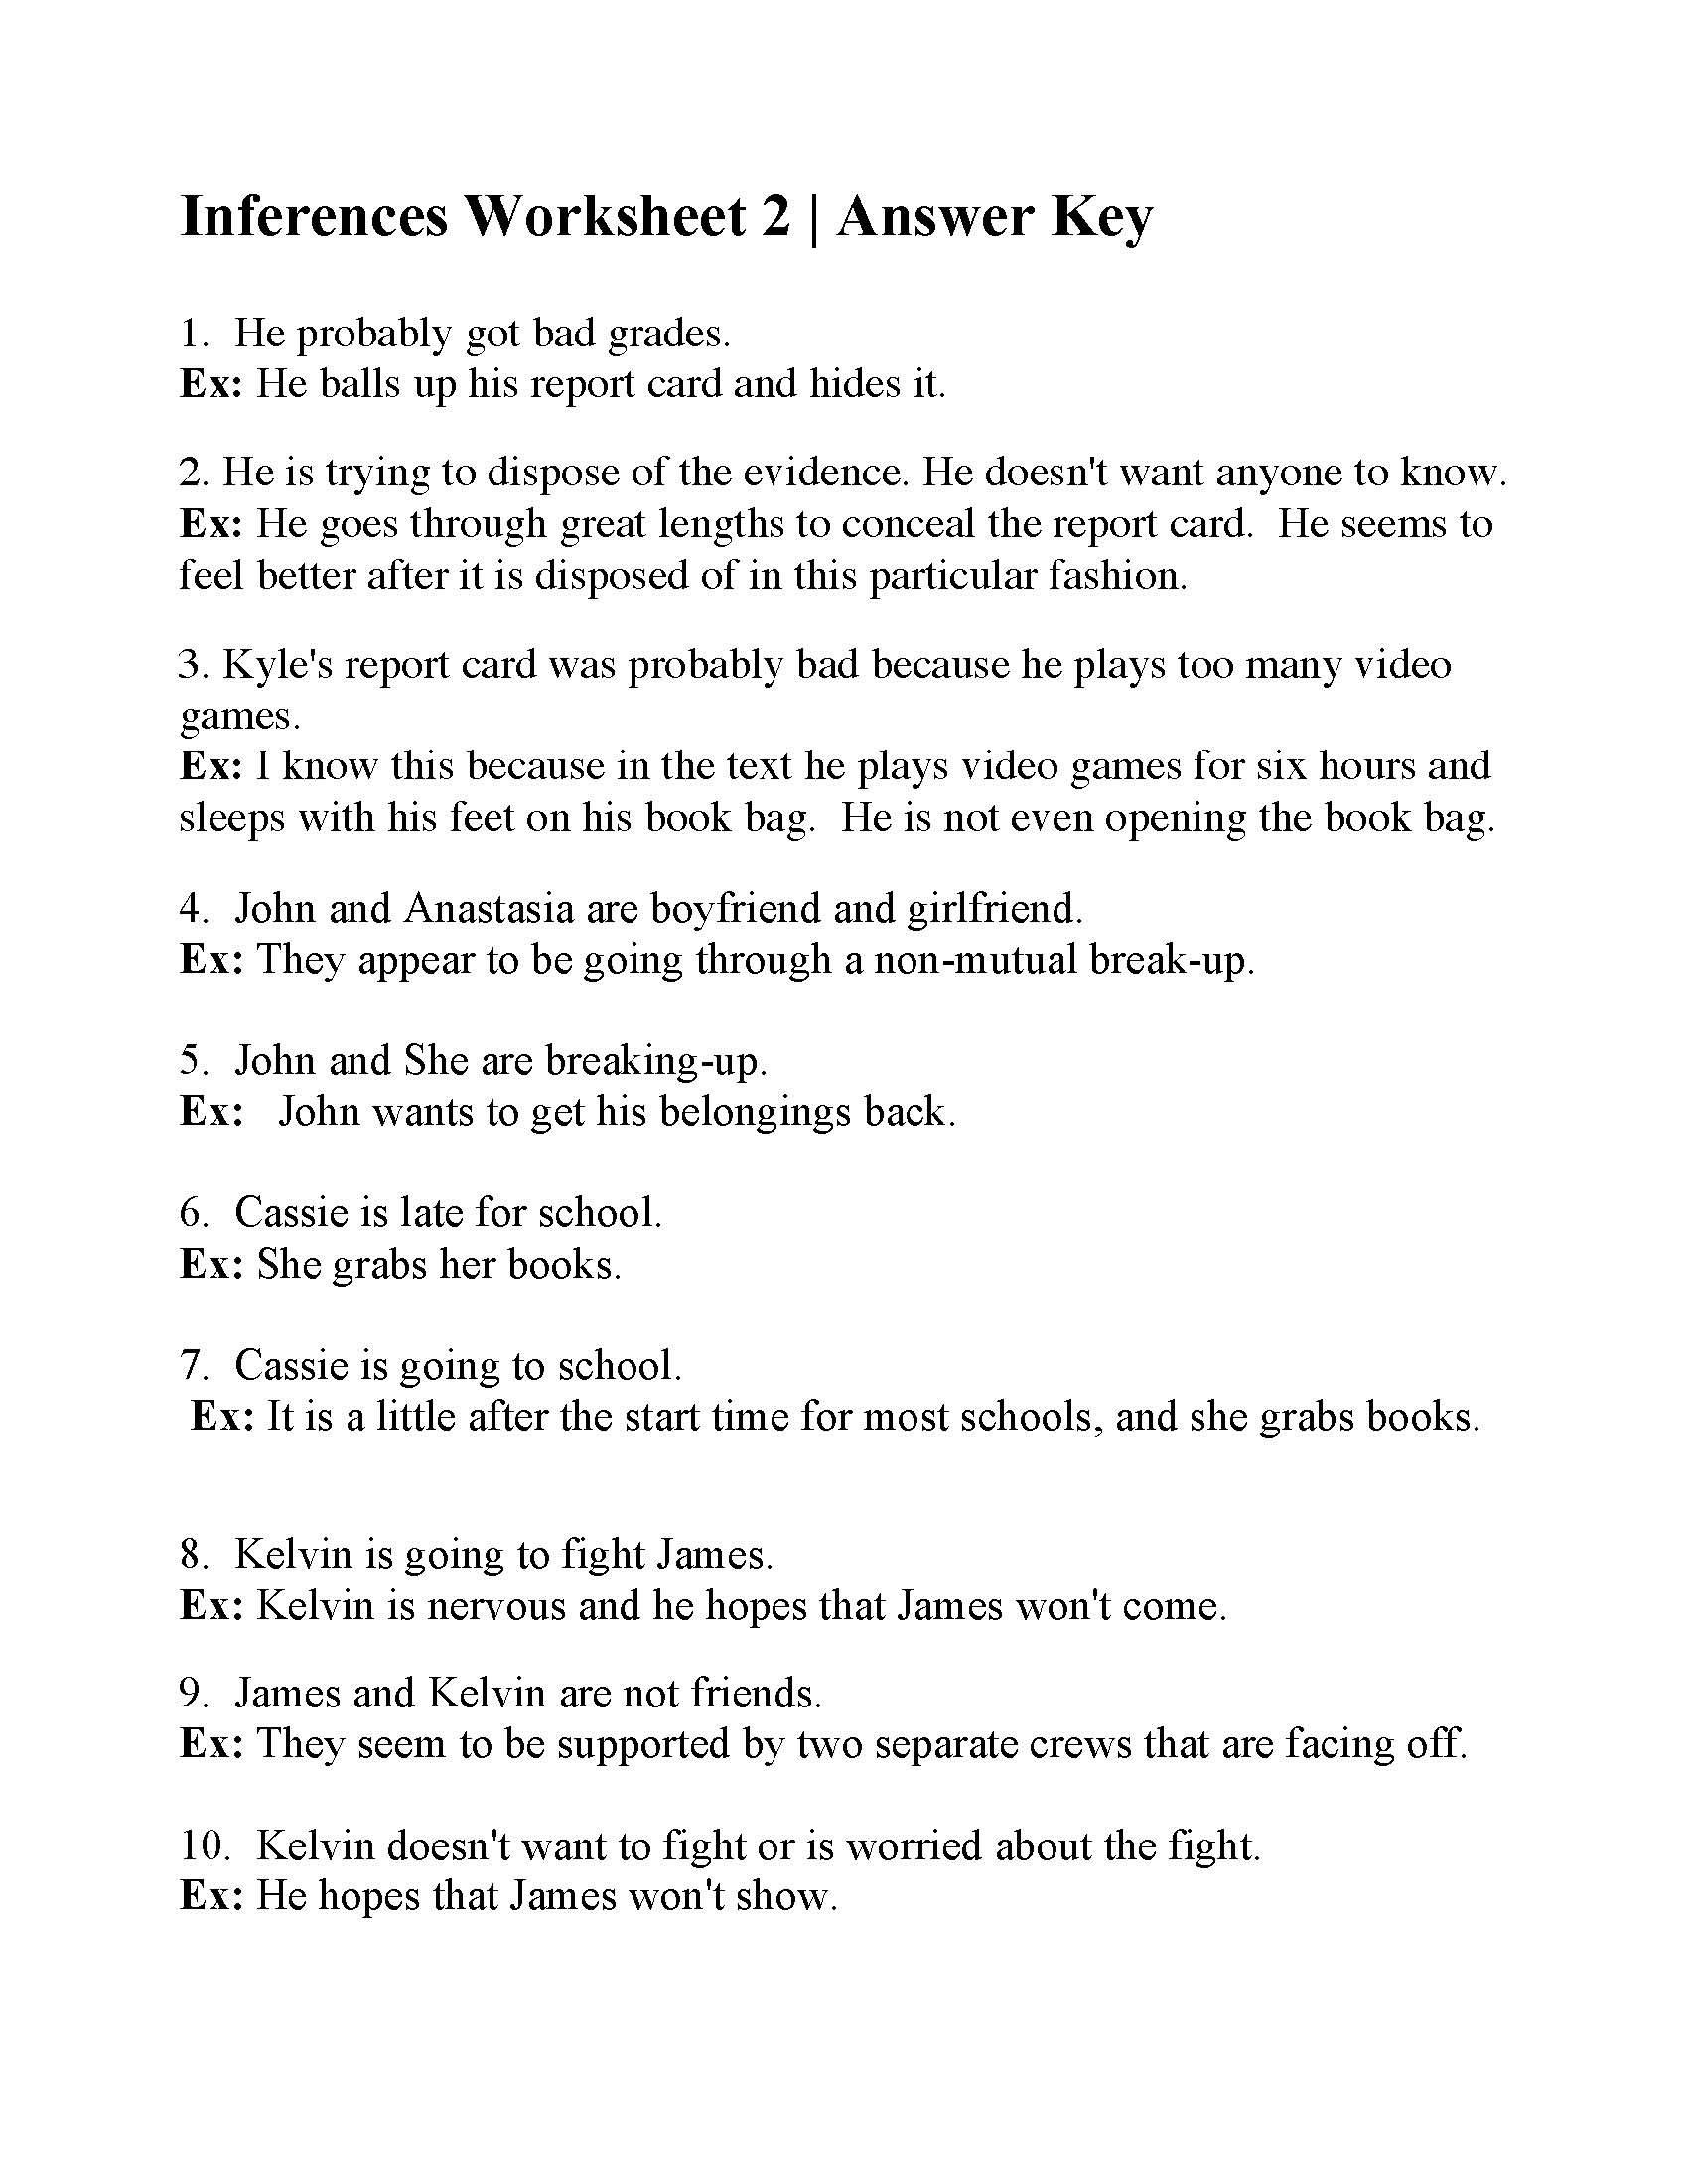 Inferencing Worksheets Grade 4 Inferences Worksheet 2